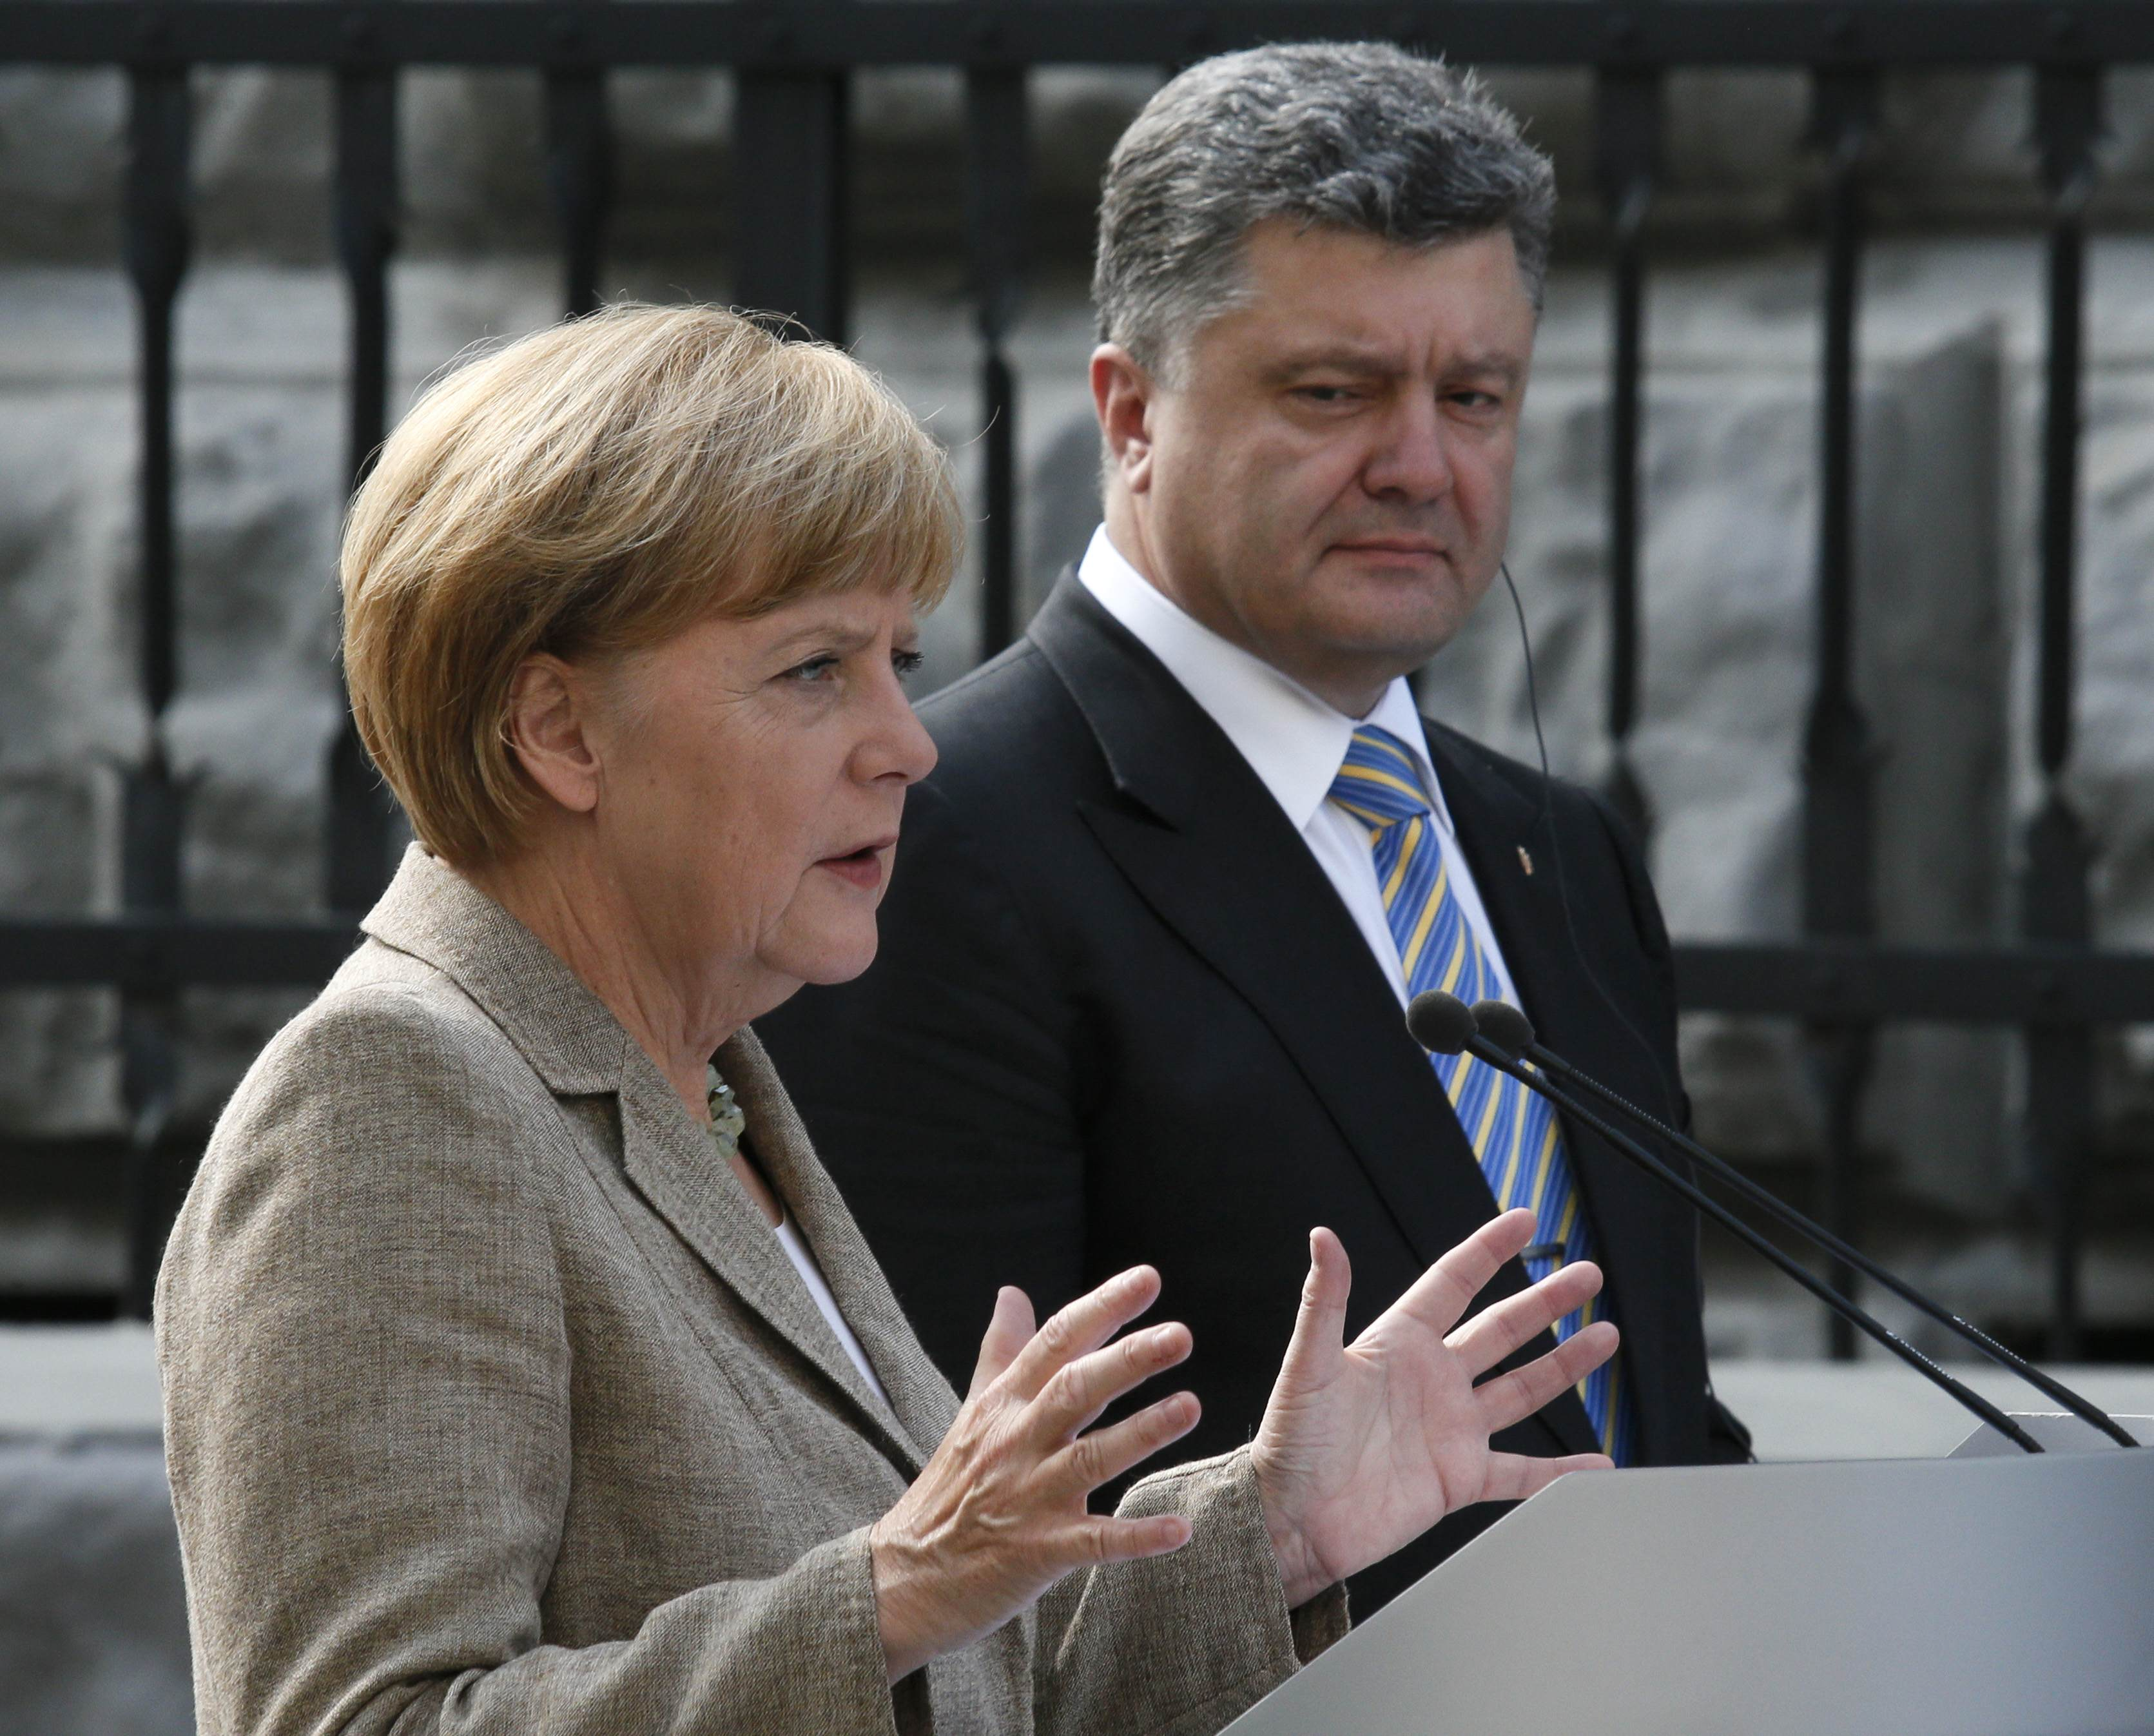 Петр Порошенко обсудил эскалацию ситуации на Востоке Украины с Ангелой Меркель